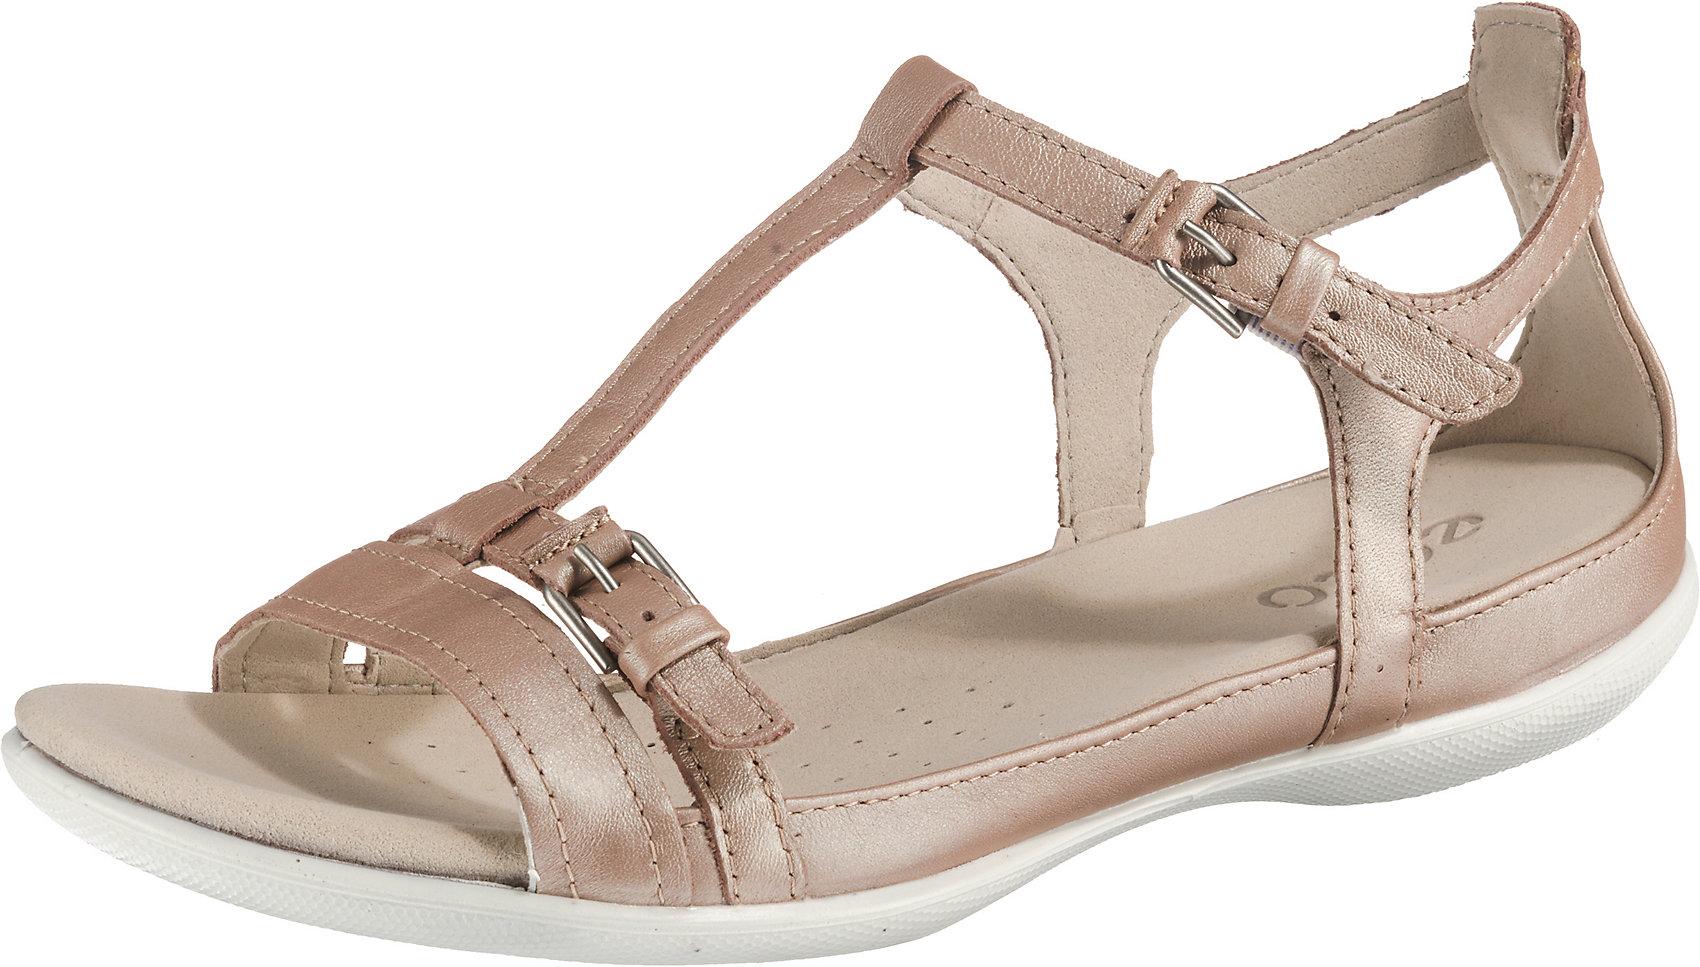 Details zu Neu ECCO FLASH Komfort Sandalen 10620200 für Damen beige schwarz